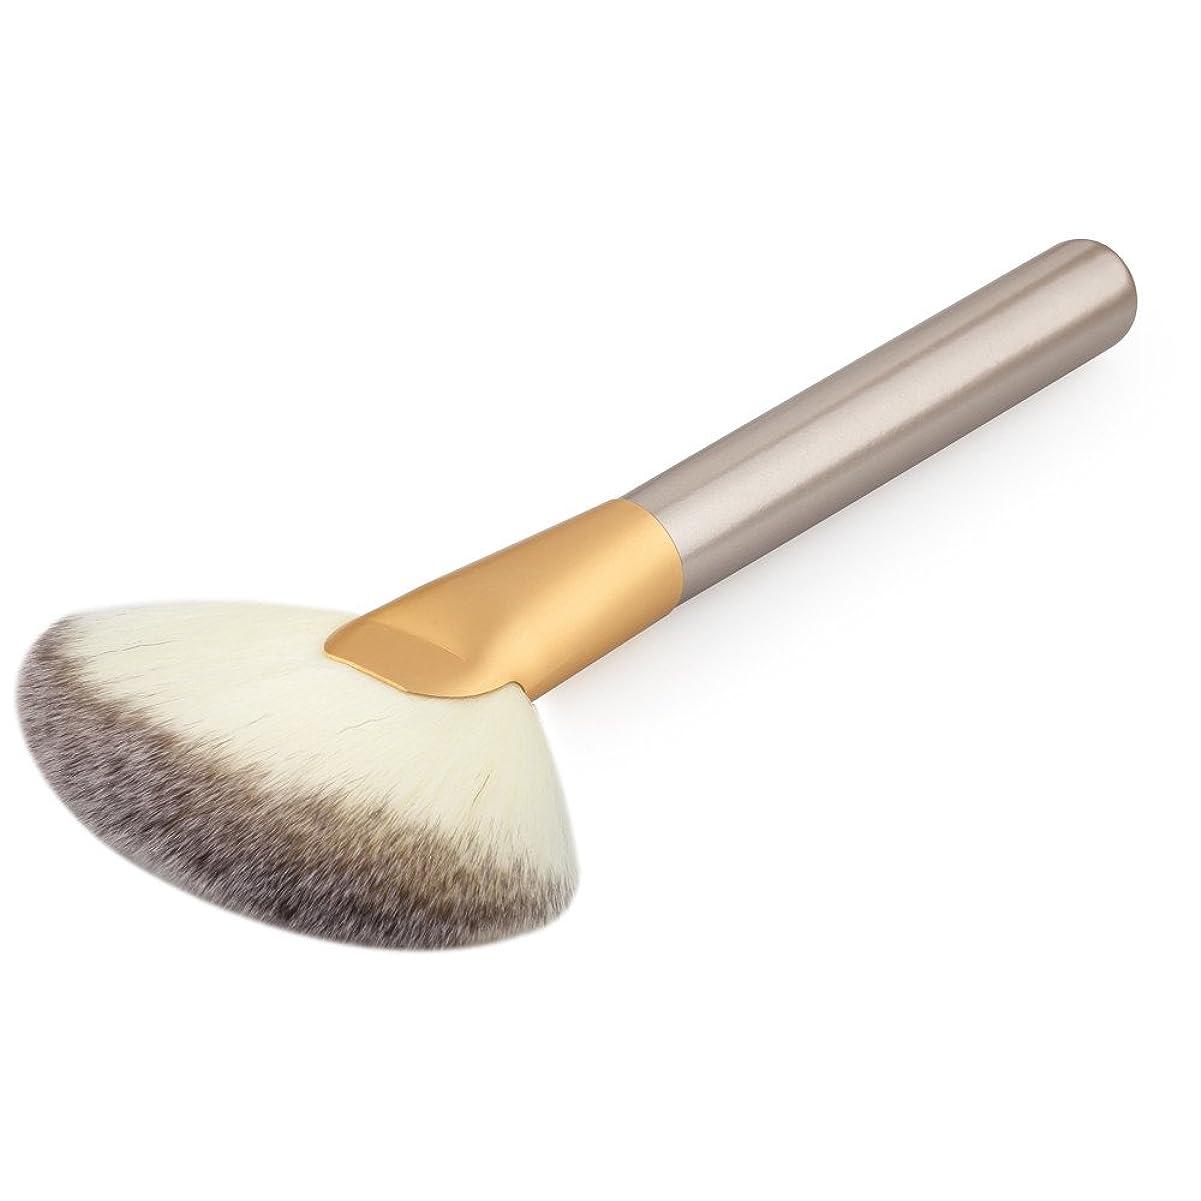 トムオードリースシンボル評価可能(プタス)Putars メイクブラシ パウダーブラシ チークブラシ 17*2*2CM グレー 化粧ブラシ ふわふわ お肌に優しい 毛量たっぷり メイク道具 プレゼント